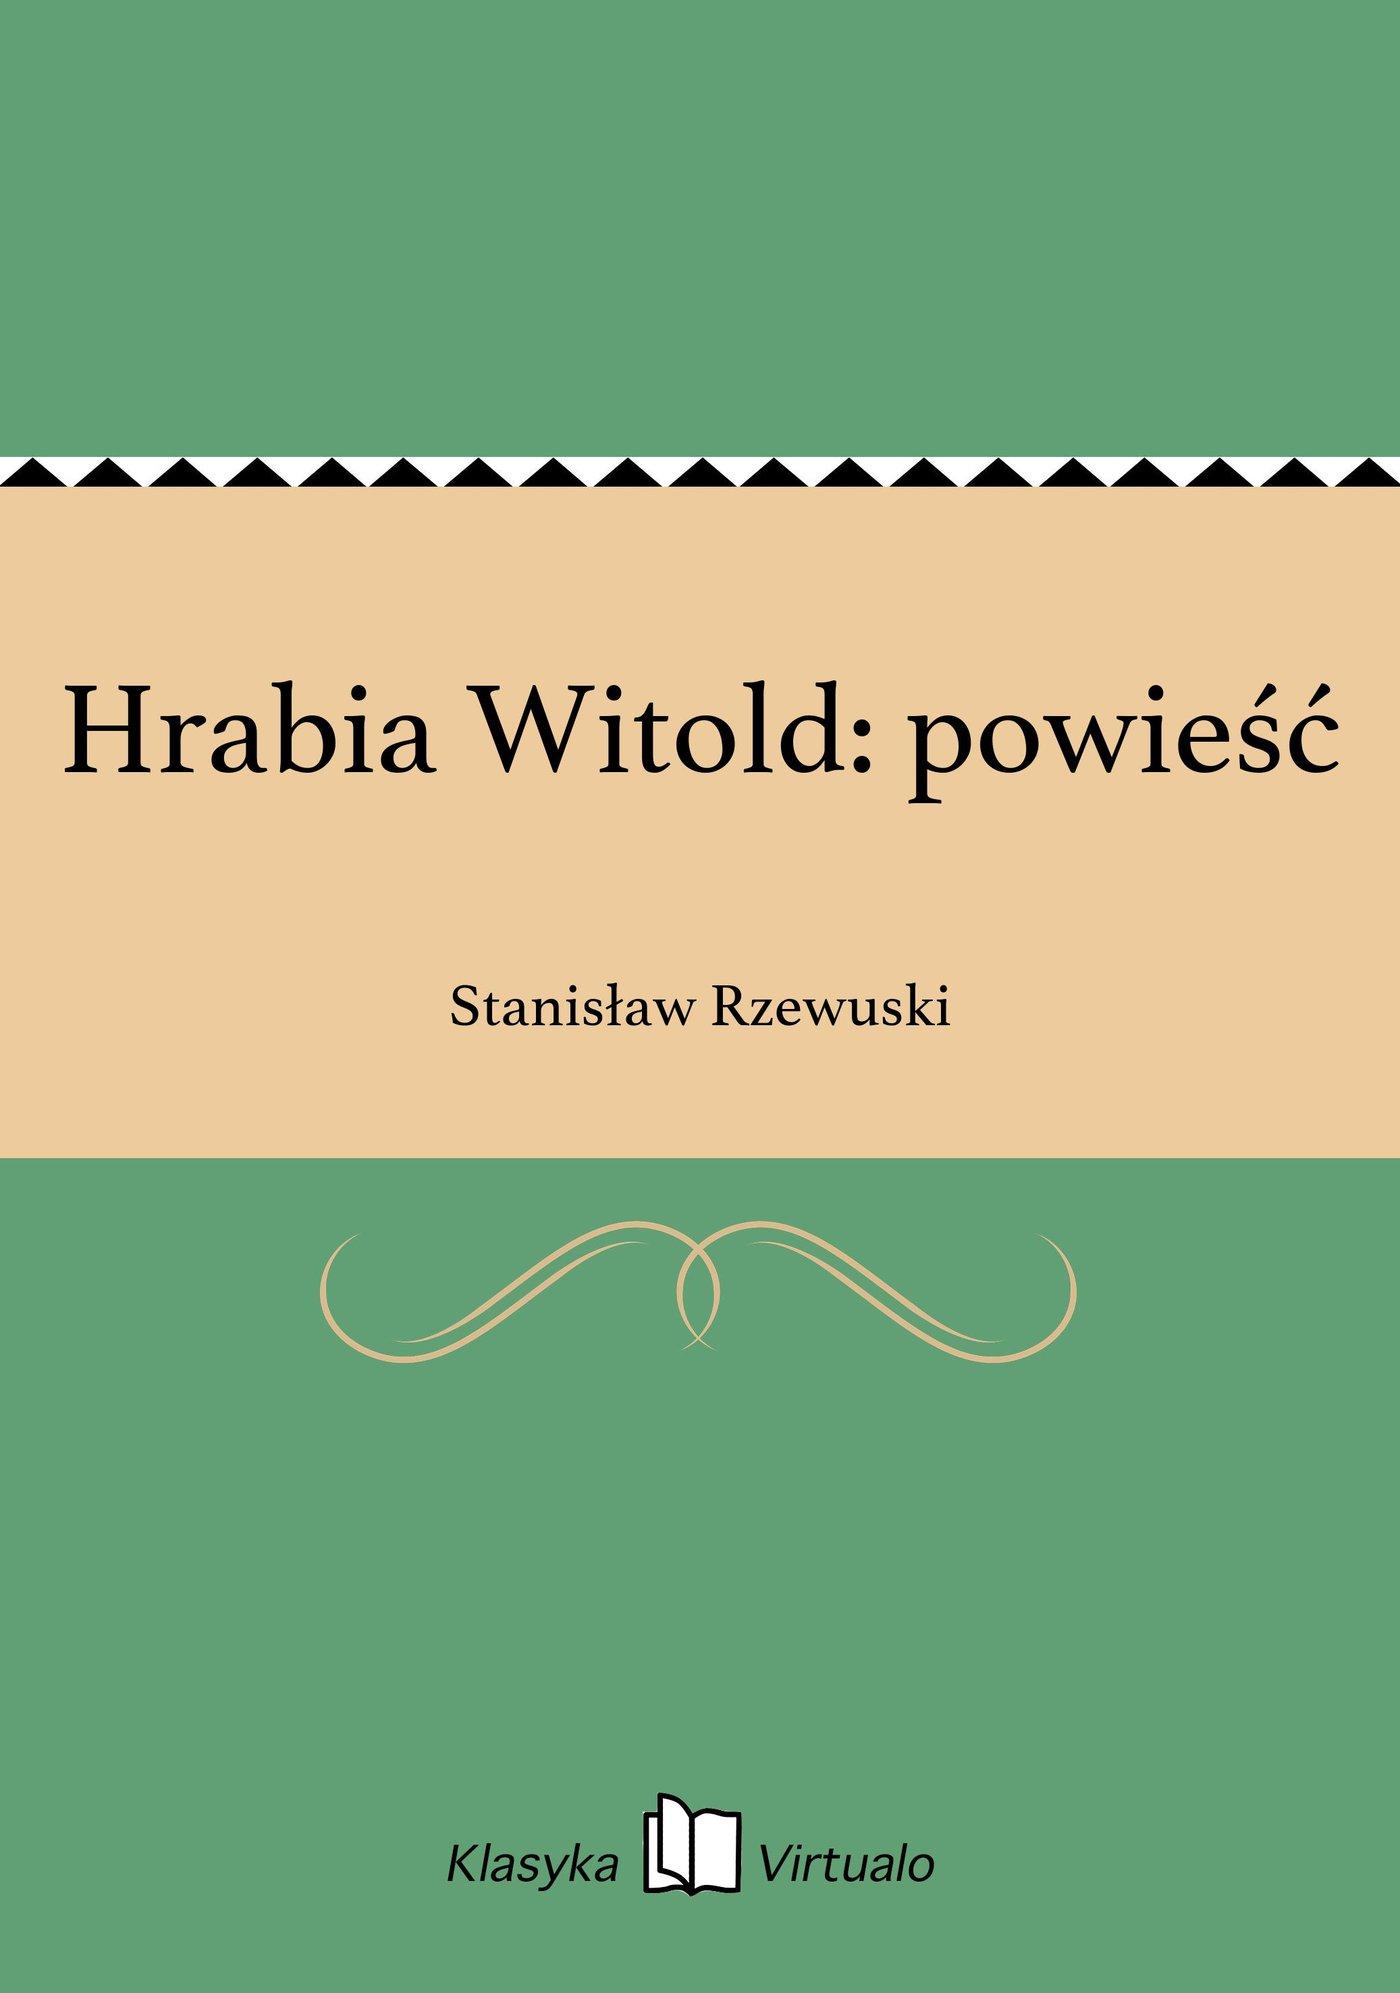 Hrabia Witold: powieść - Ebook (Książka EPUB) do pobrania w formacie EPUB